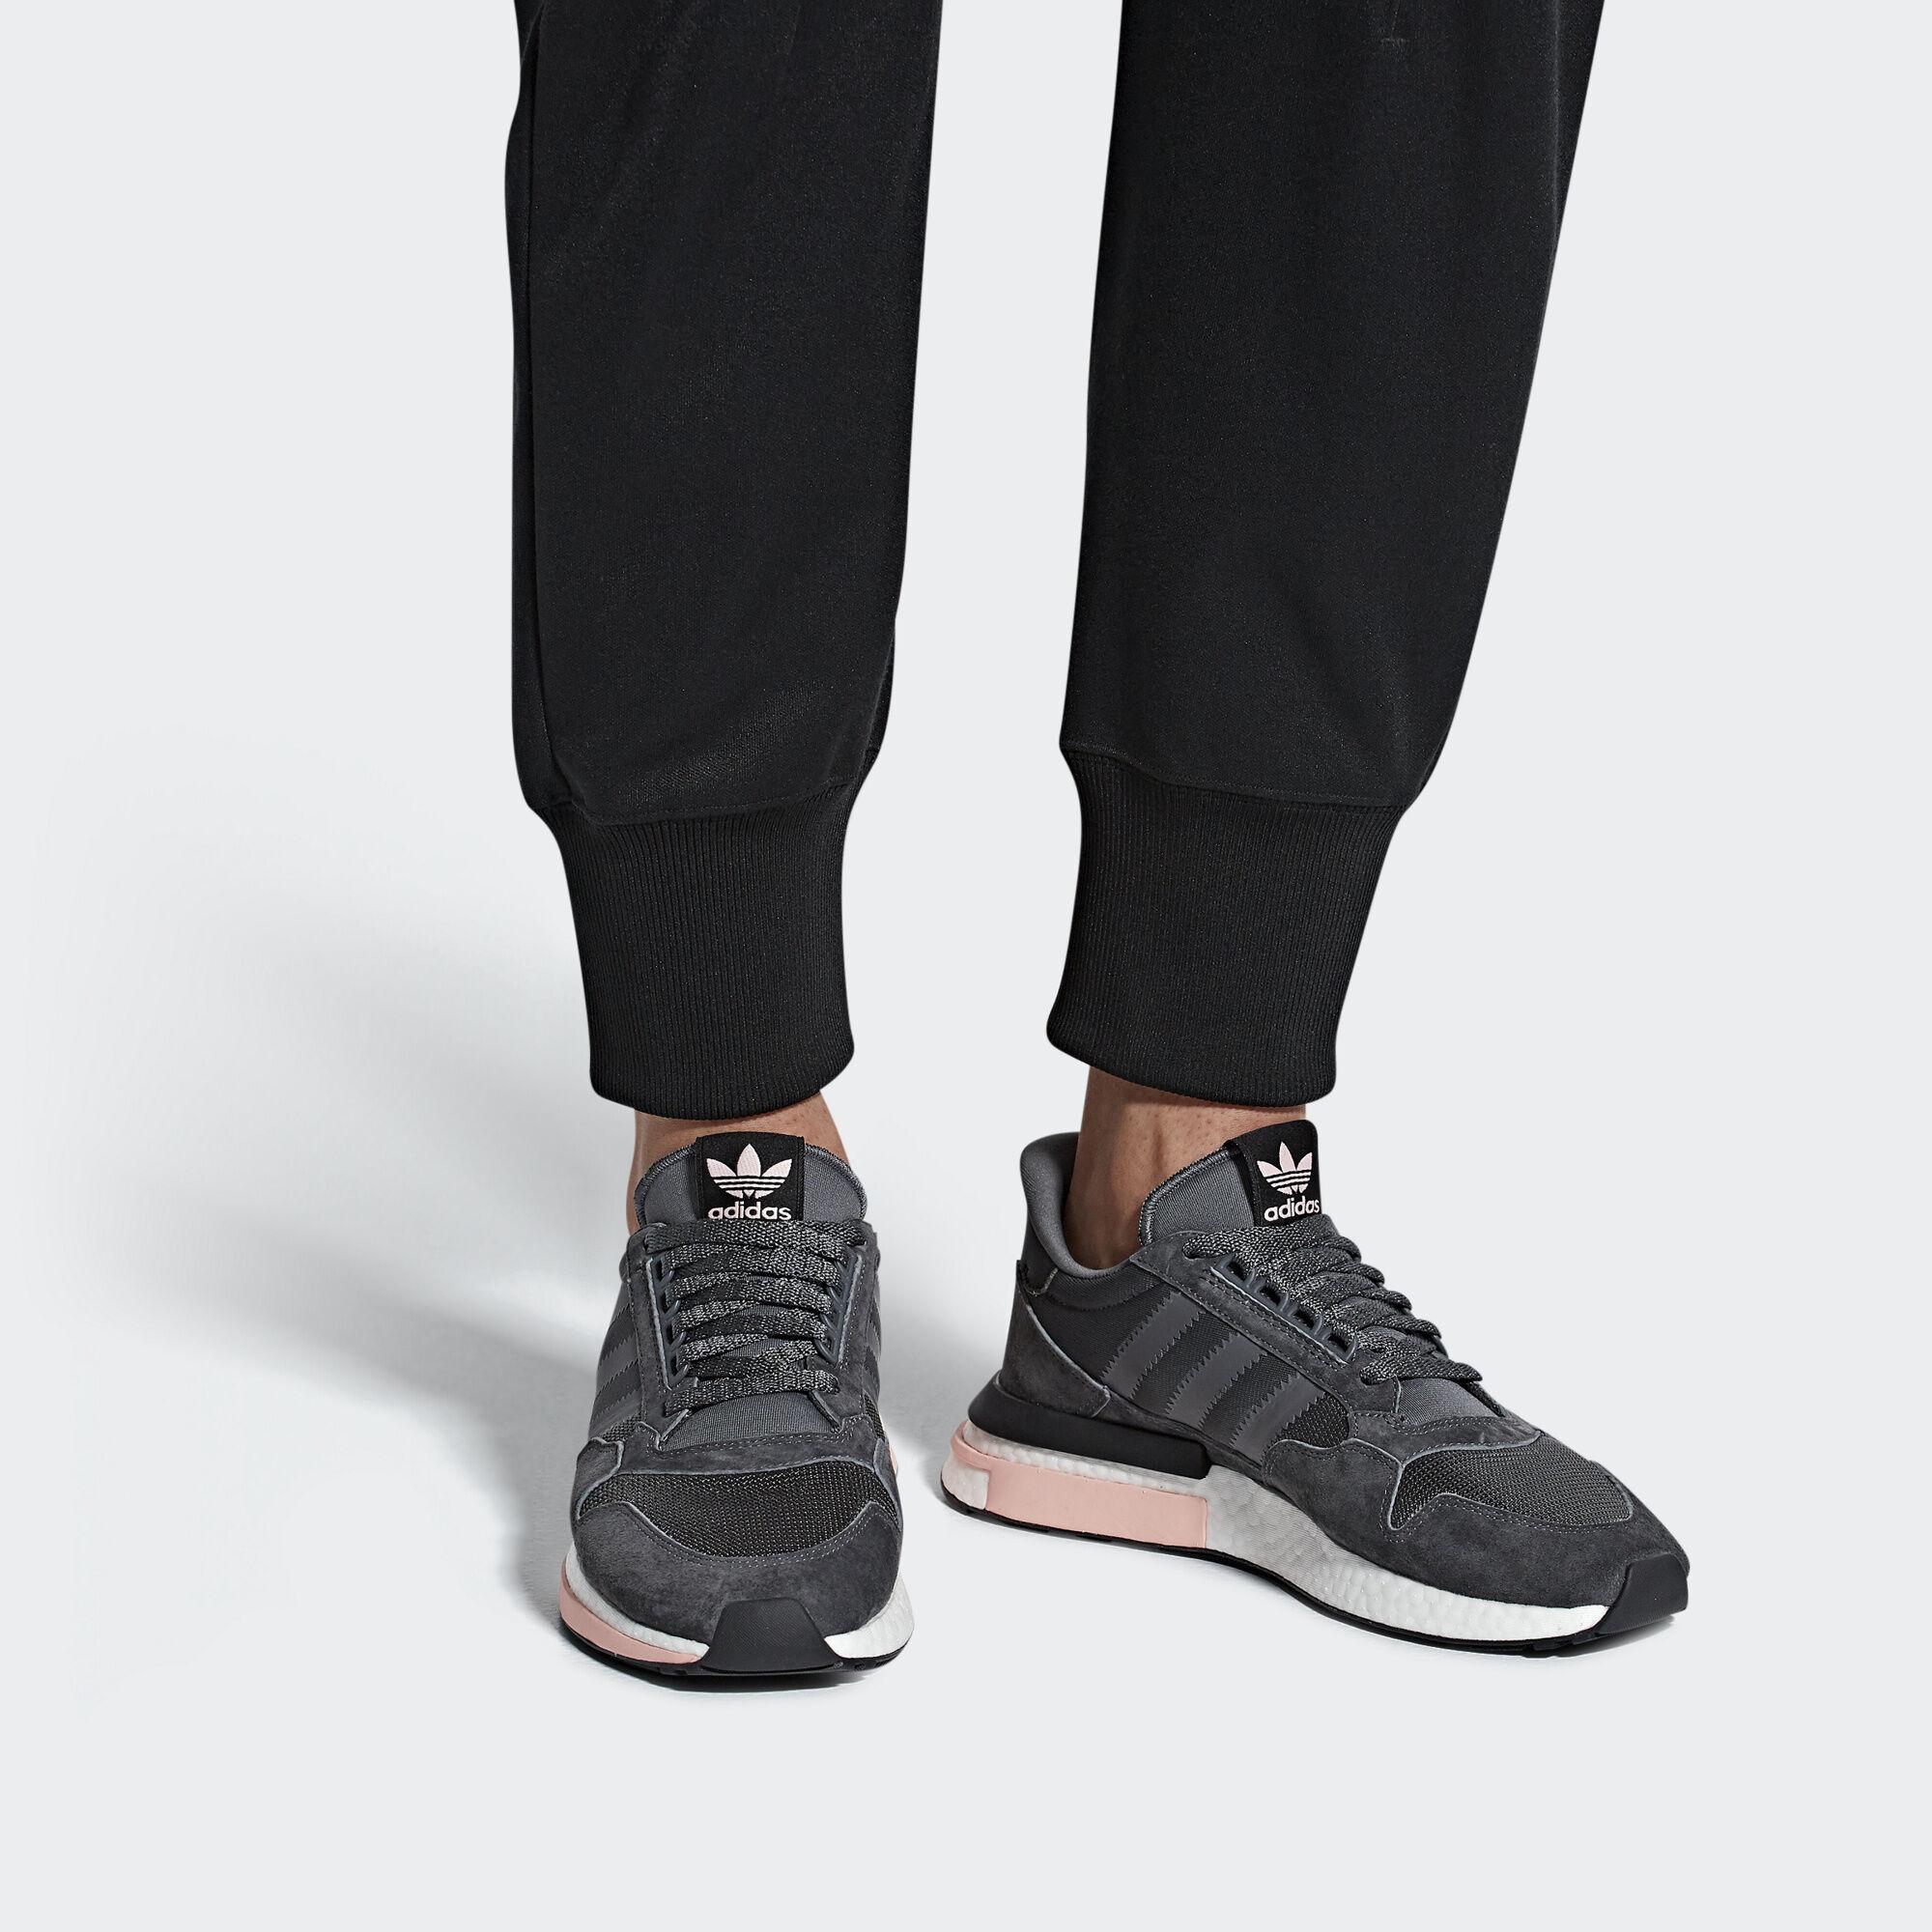 de3da8c20f92 adidas ZX 500 RM Shoes - Black